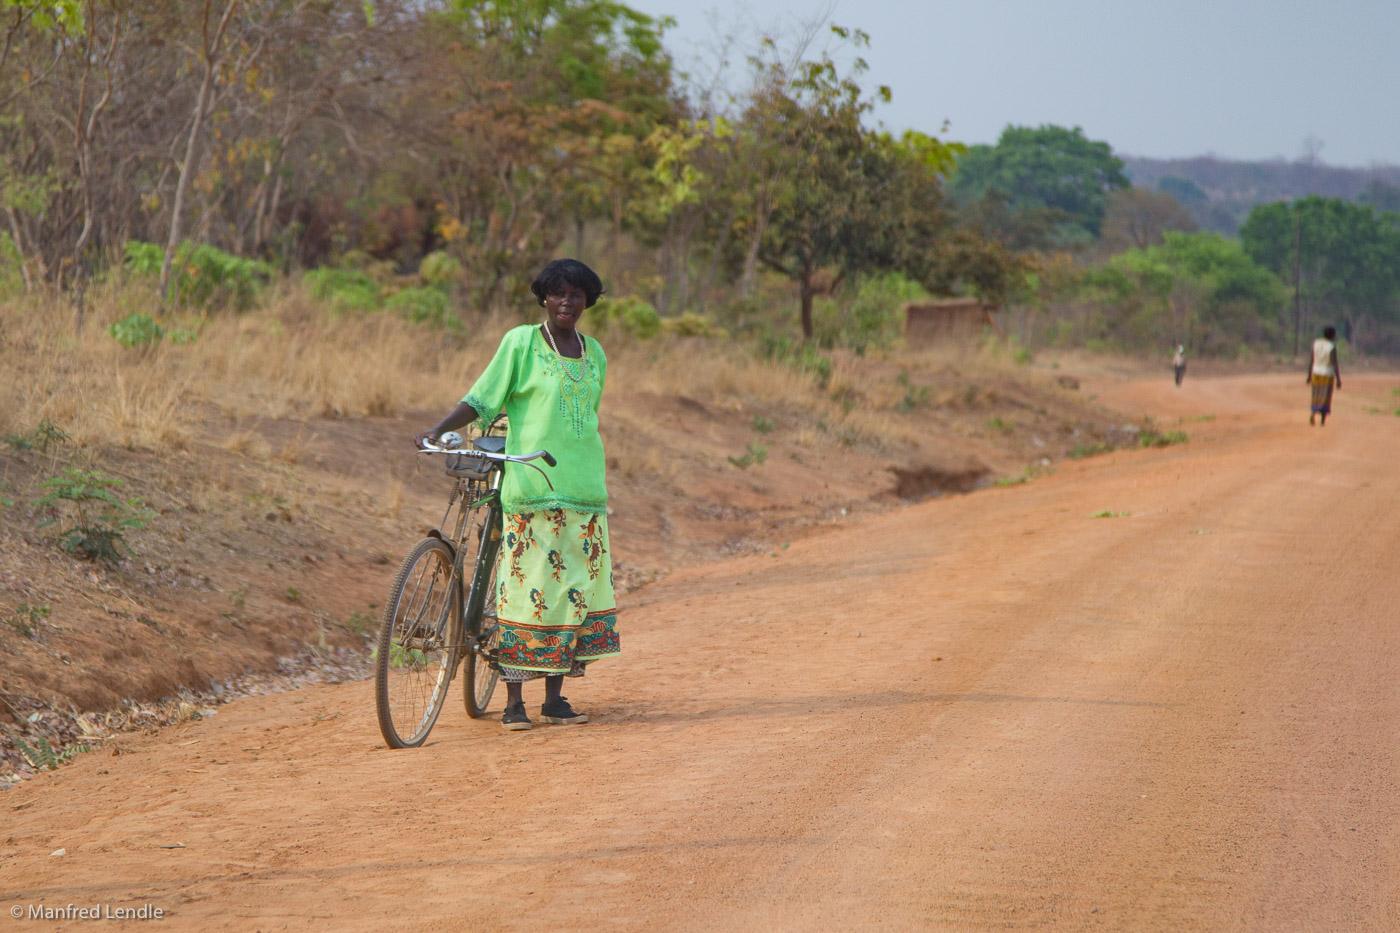 Zambia_2011_1D-7730.jpg